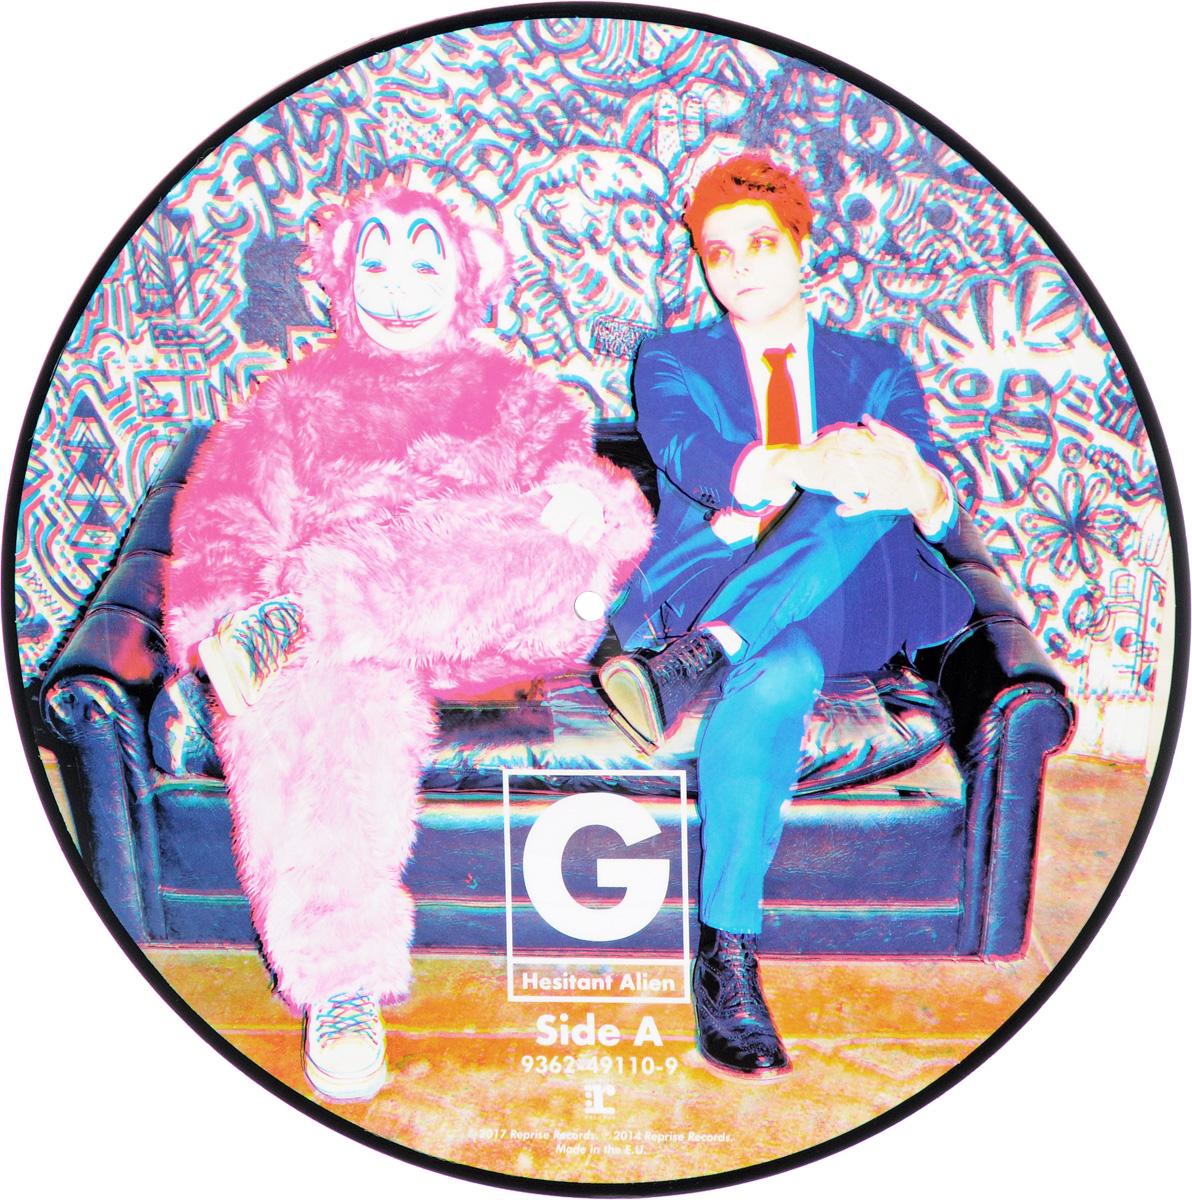 Джерард Уэй Gerard Way. Hesitant Alien. Picture Vinyl (LP) gerard way gerard way hesitant alien picture disc